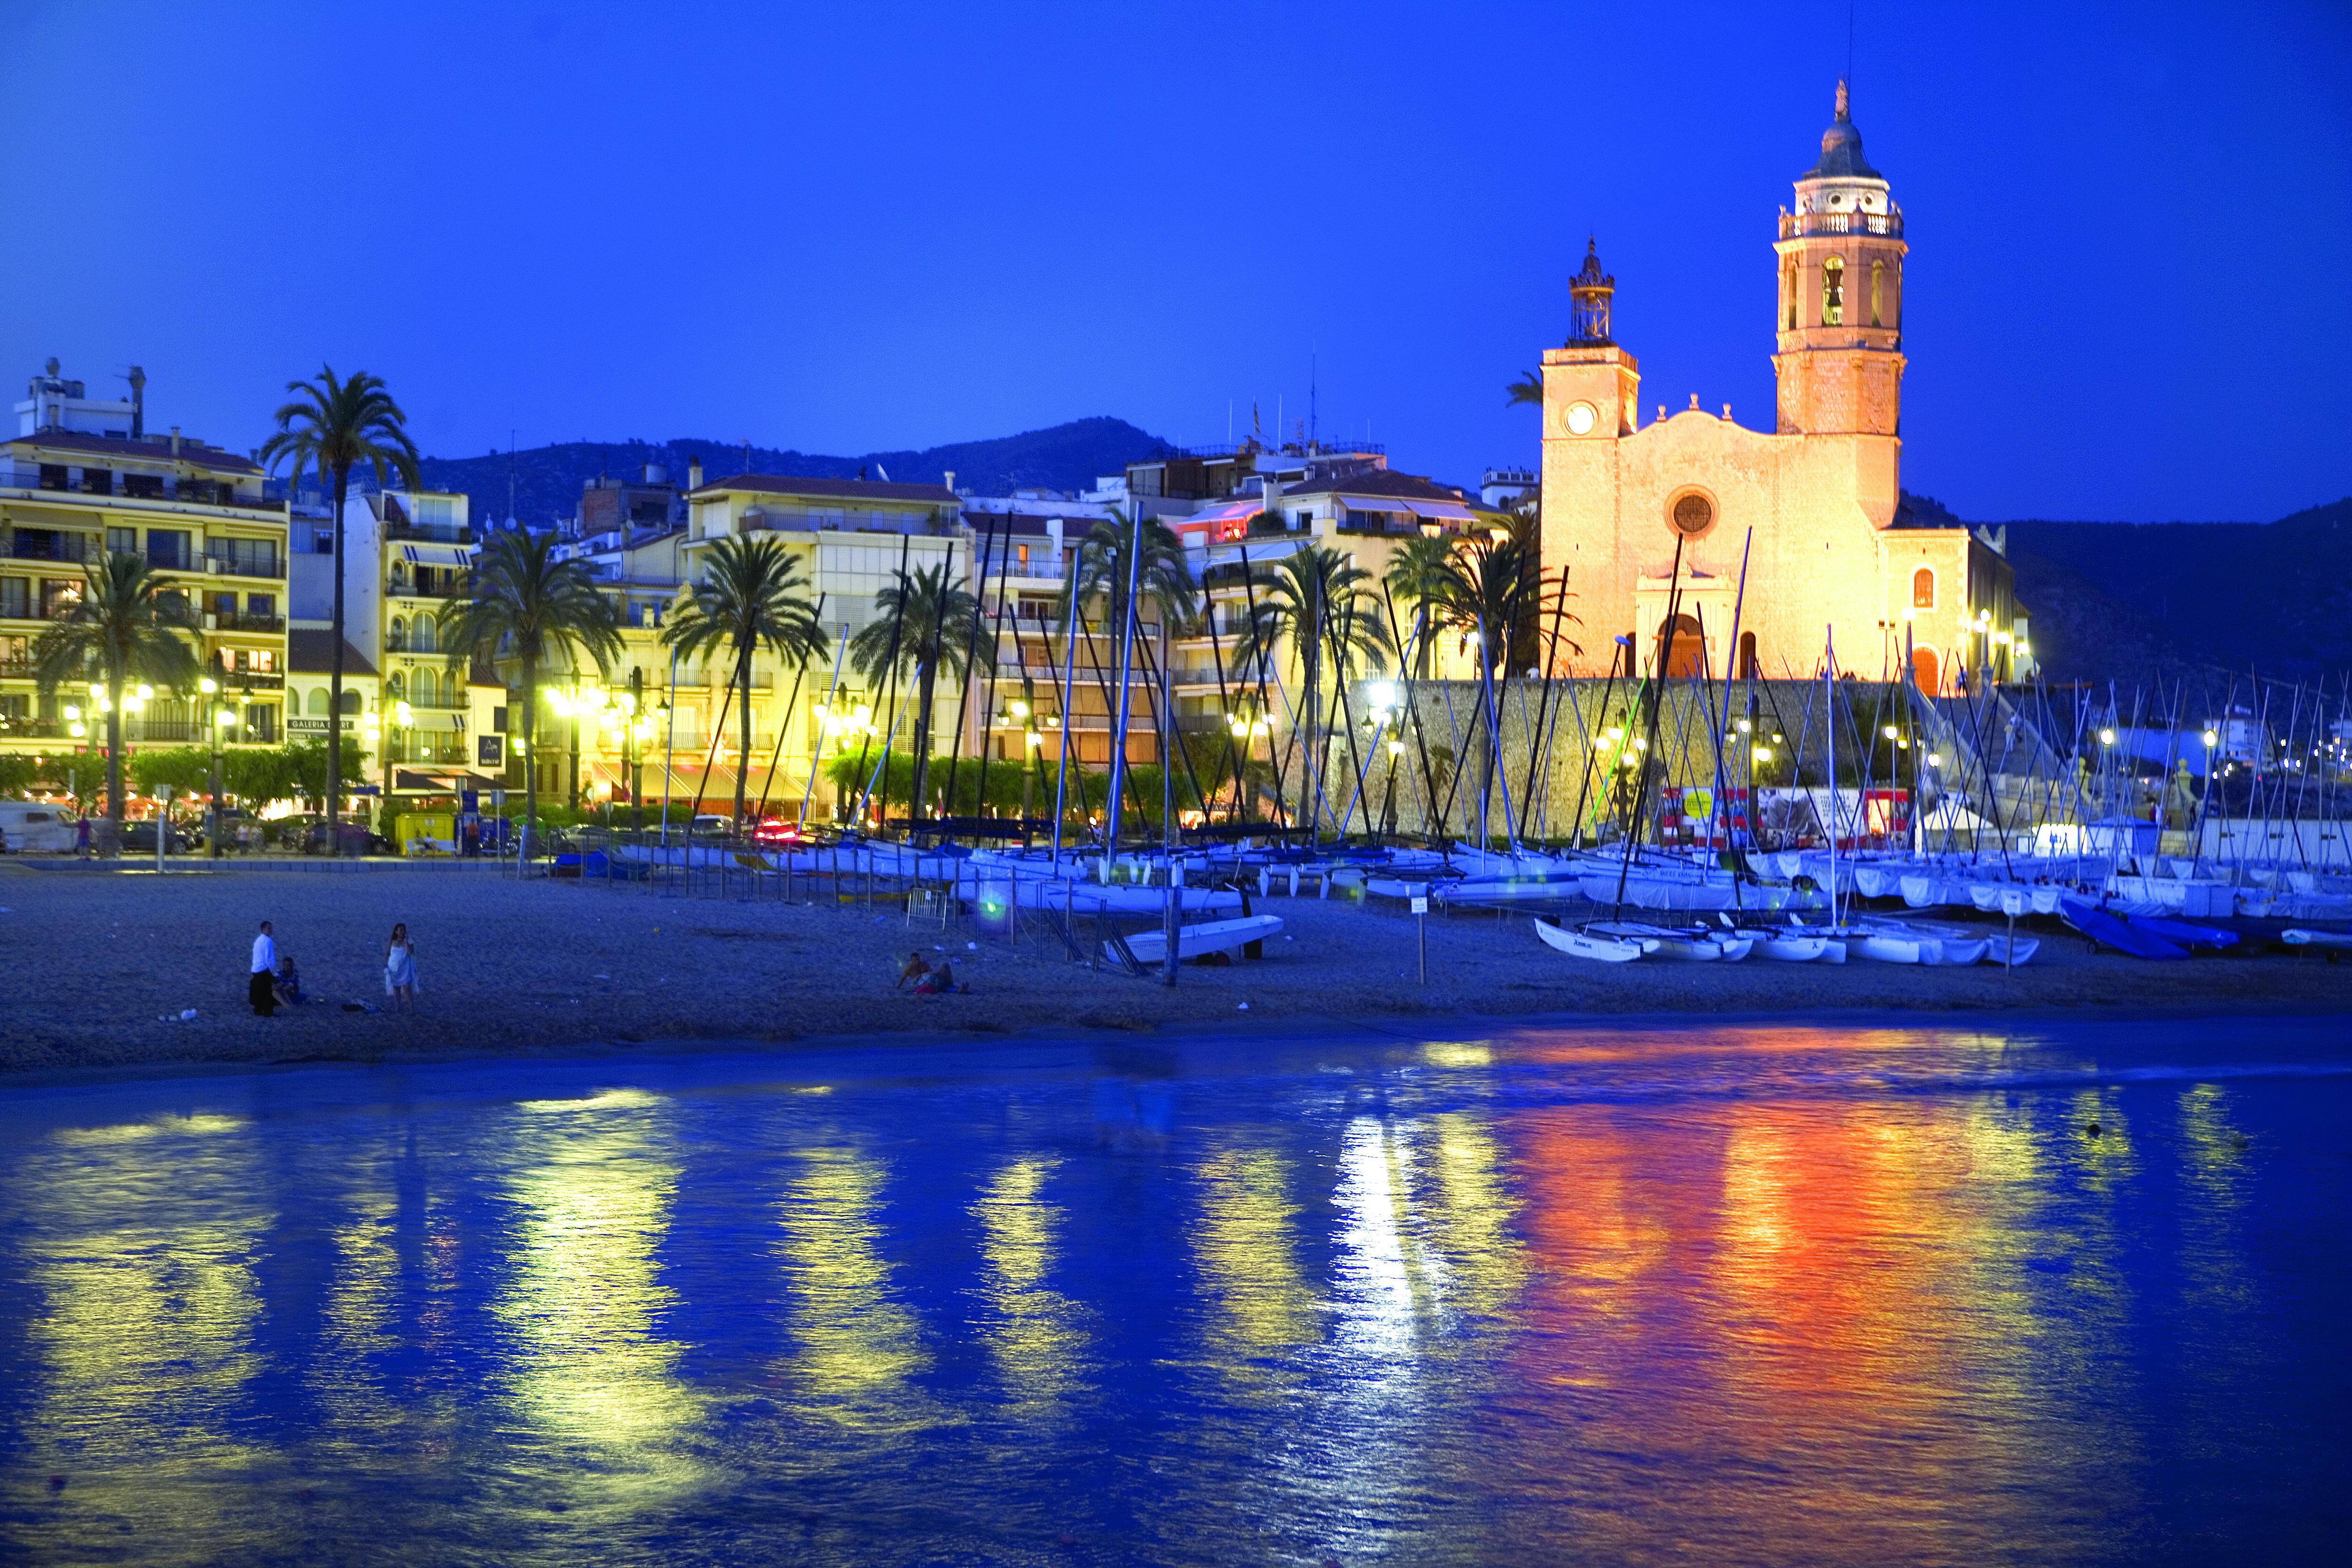 Vista notturna di Sitges-Foto di Miguel Angel Alvarez-Agencia Catalana de Turisme